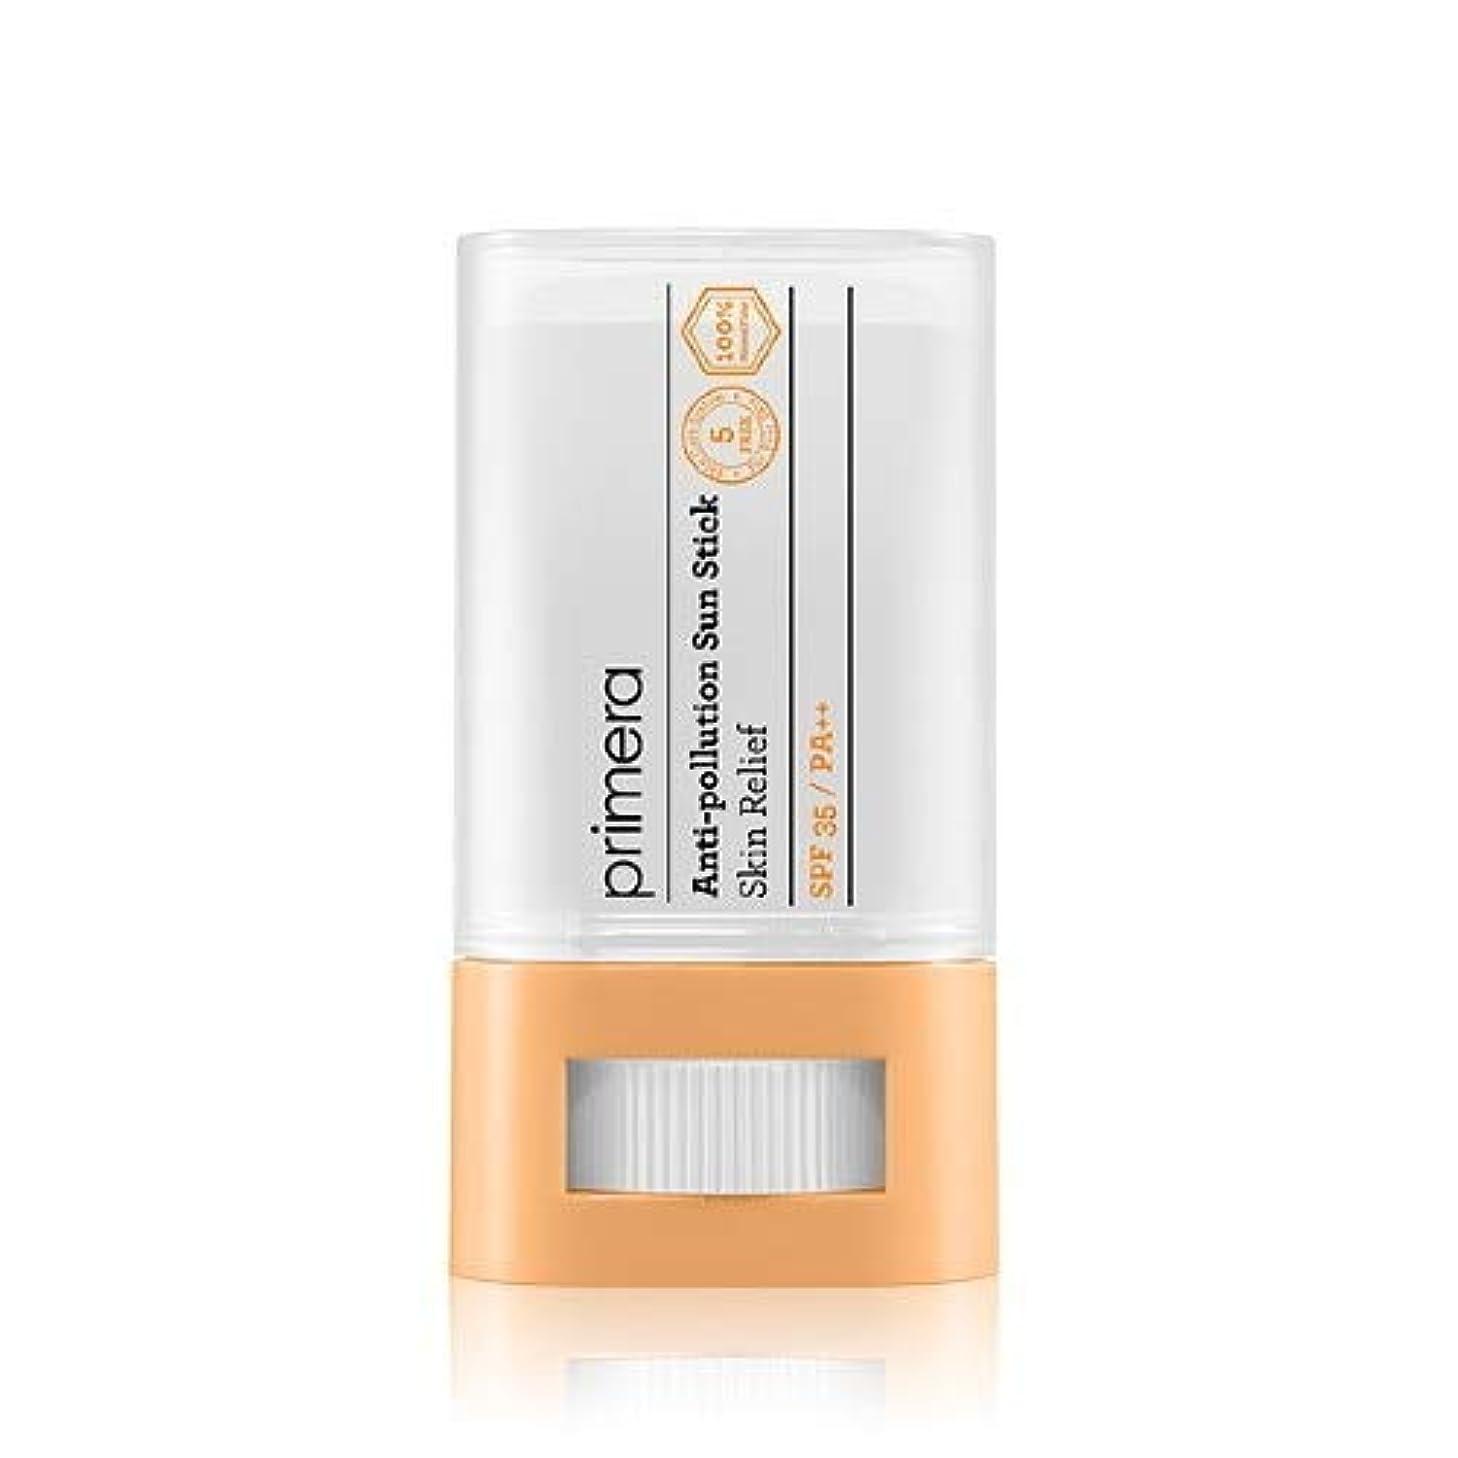 要求する先例動詞PRIMERA プリメラ Skin Relief Anti-pollution Sun Stick サンスティック 16g, SPF35 PA++ 韓国日焼け止め